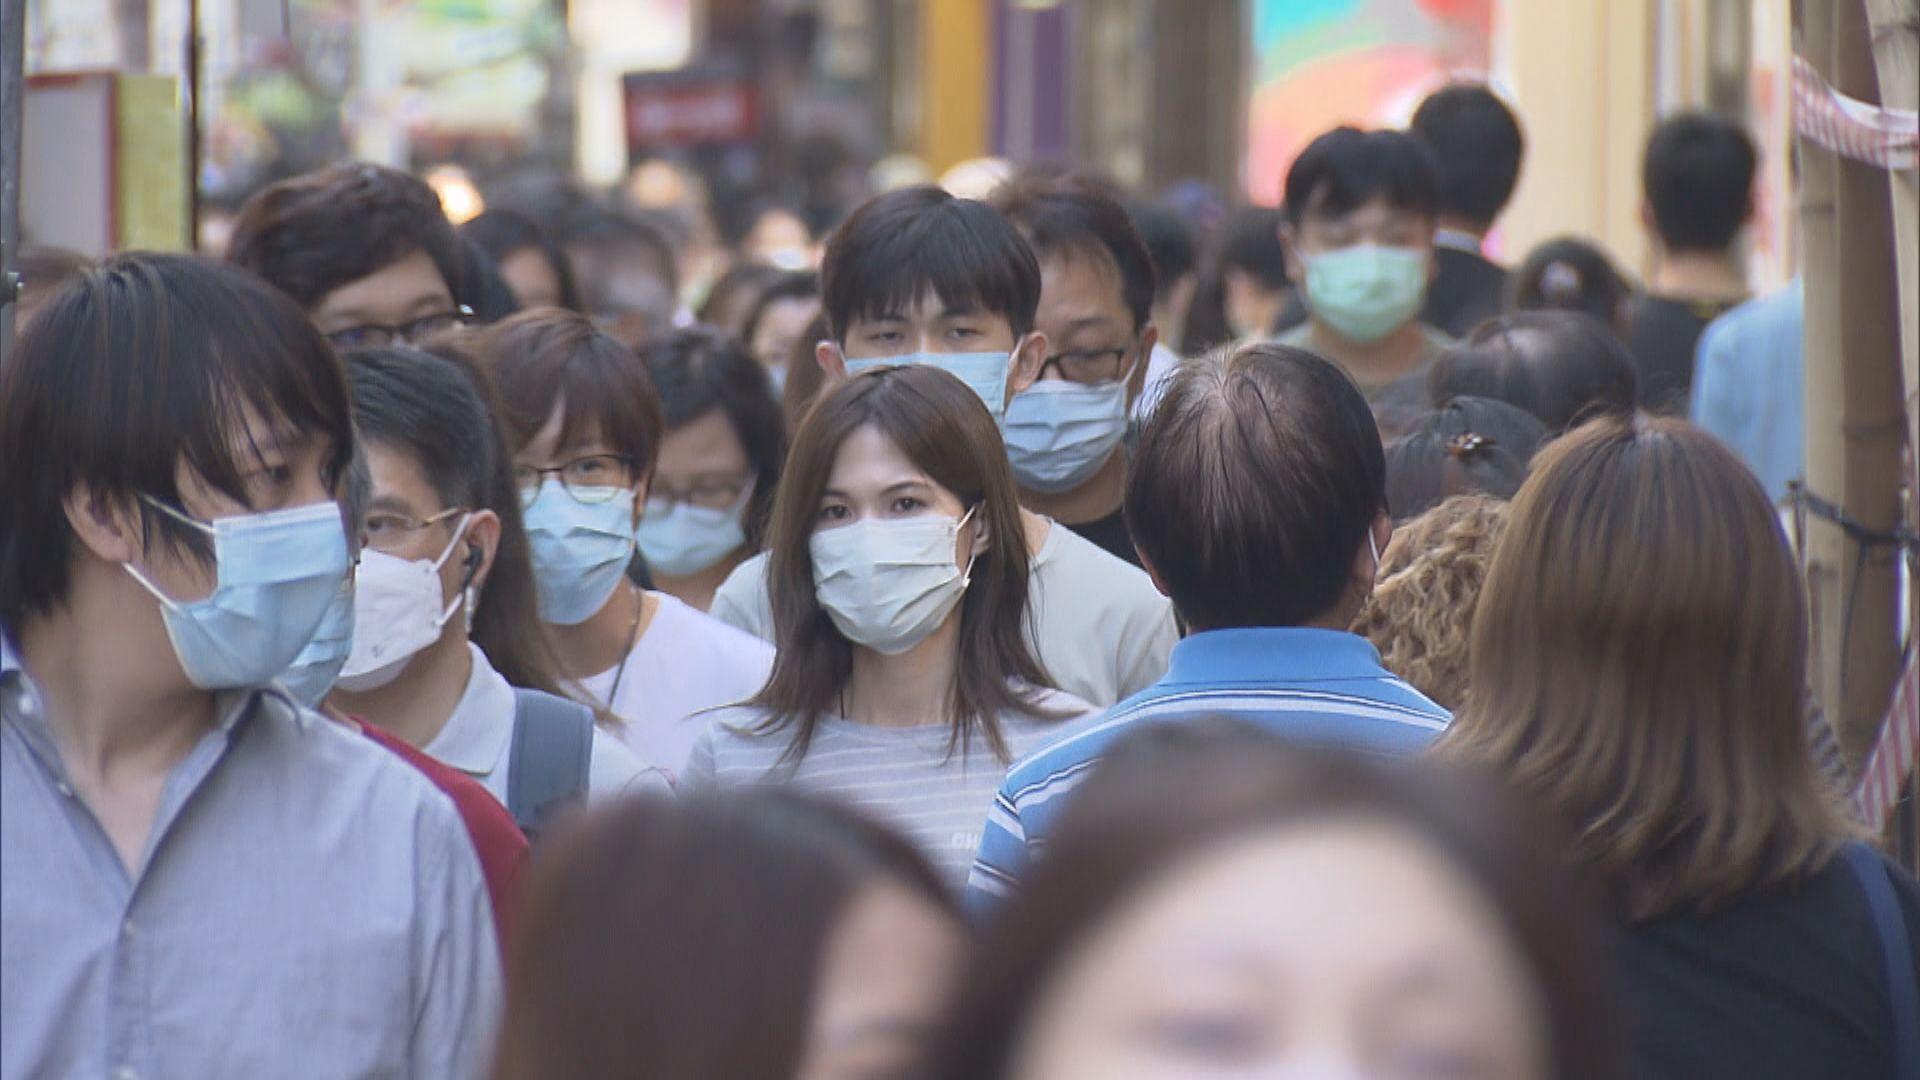 分析指就業情況是否改善視乎會否有第四波疫情爆發